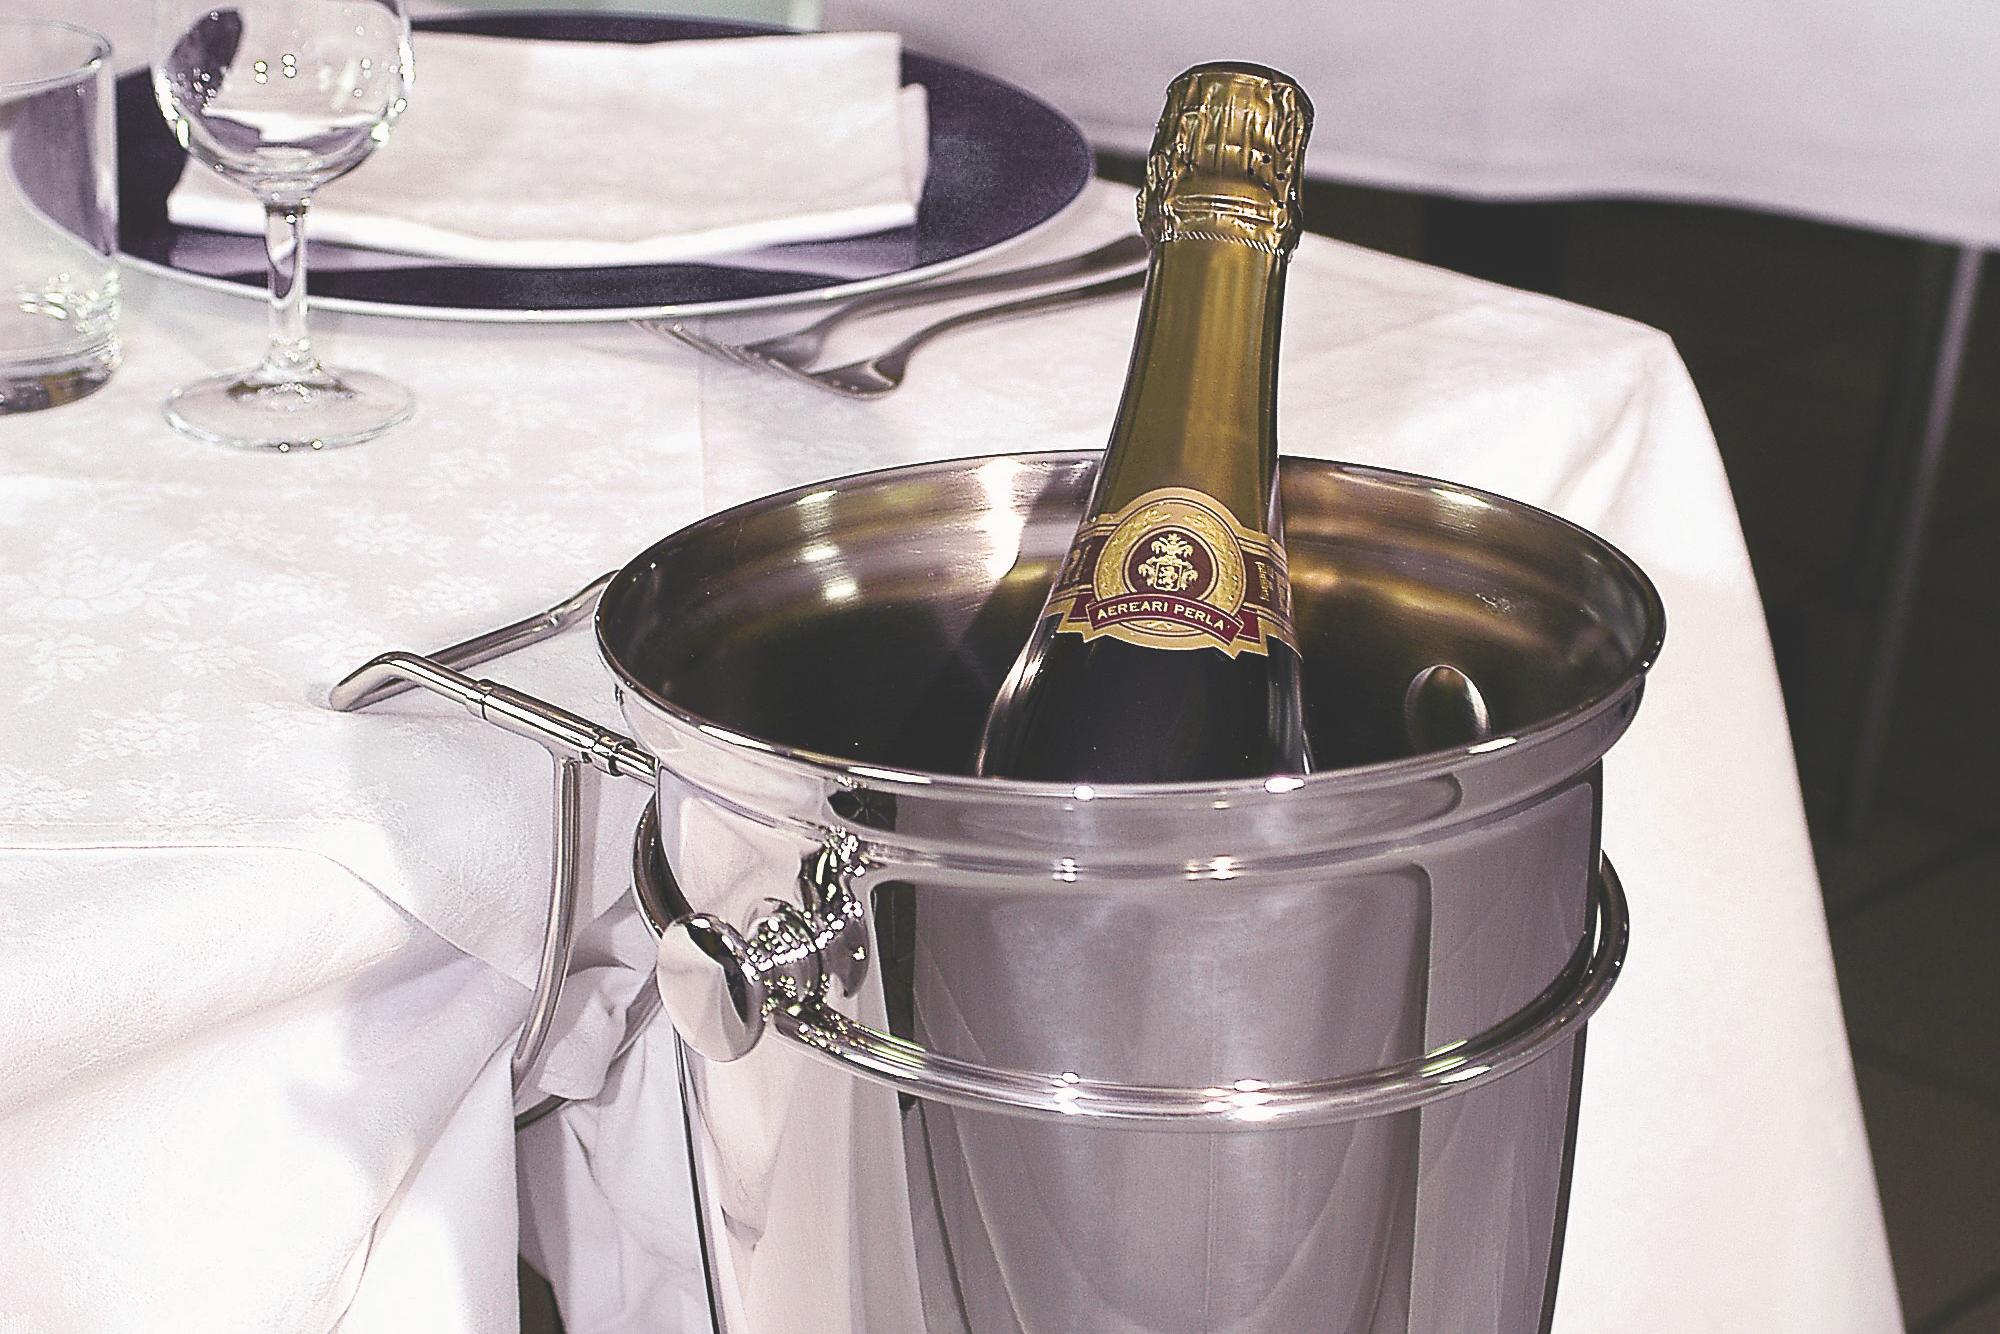 ILSA Champagne bucket & holder